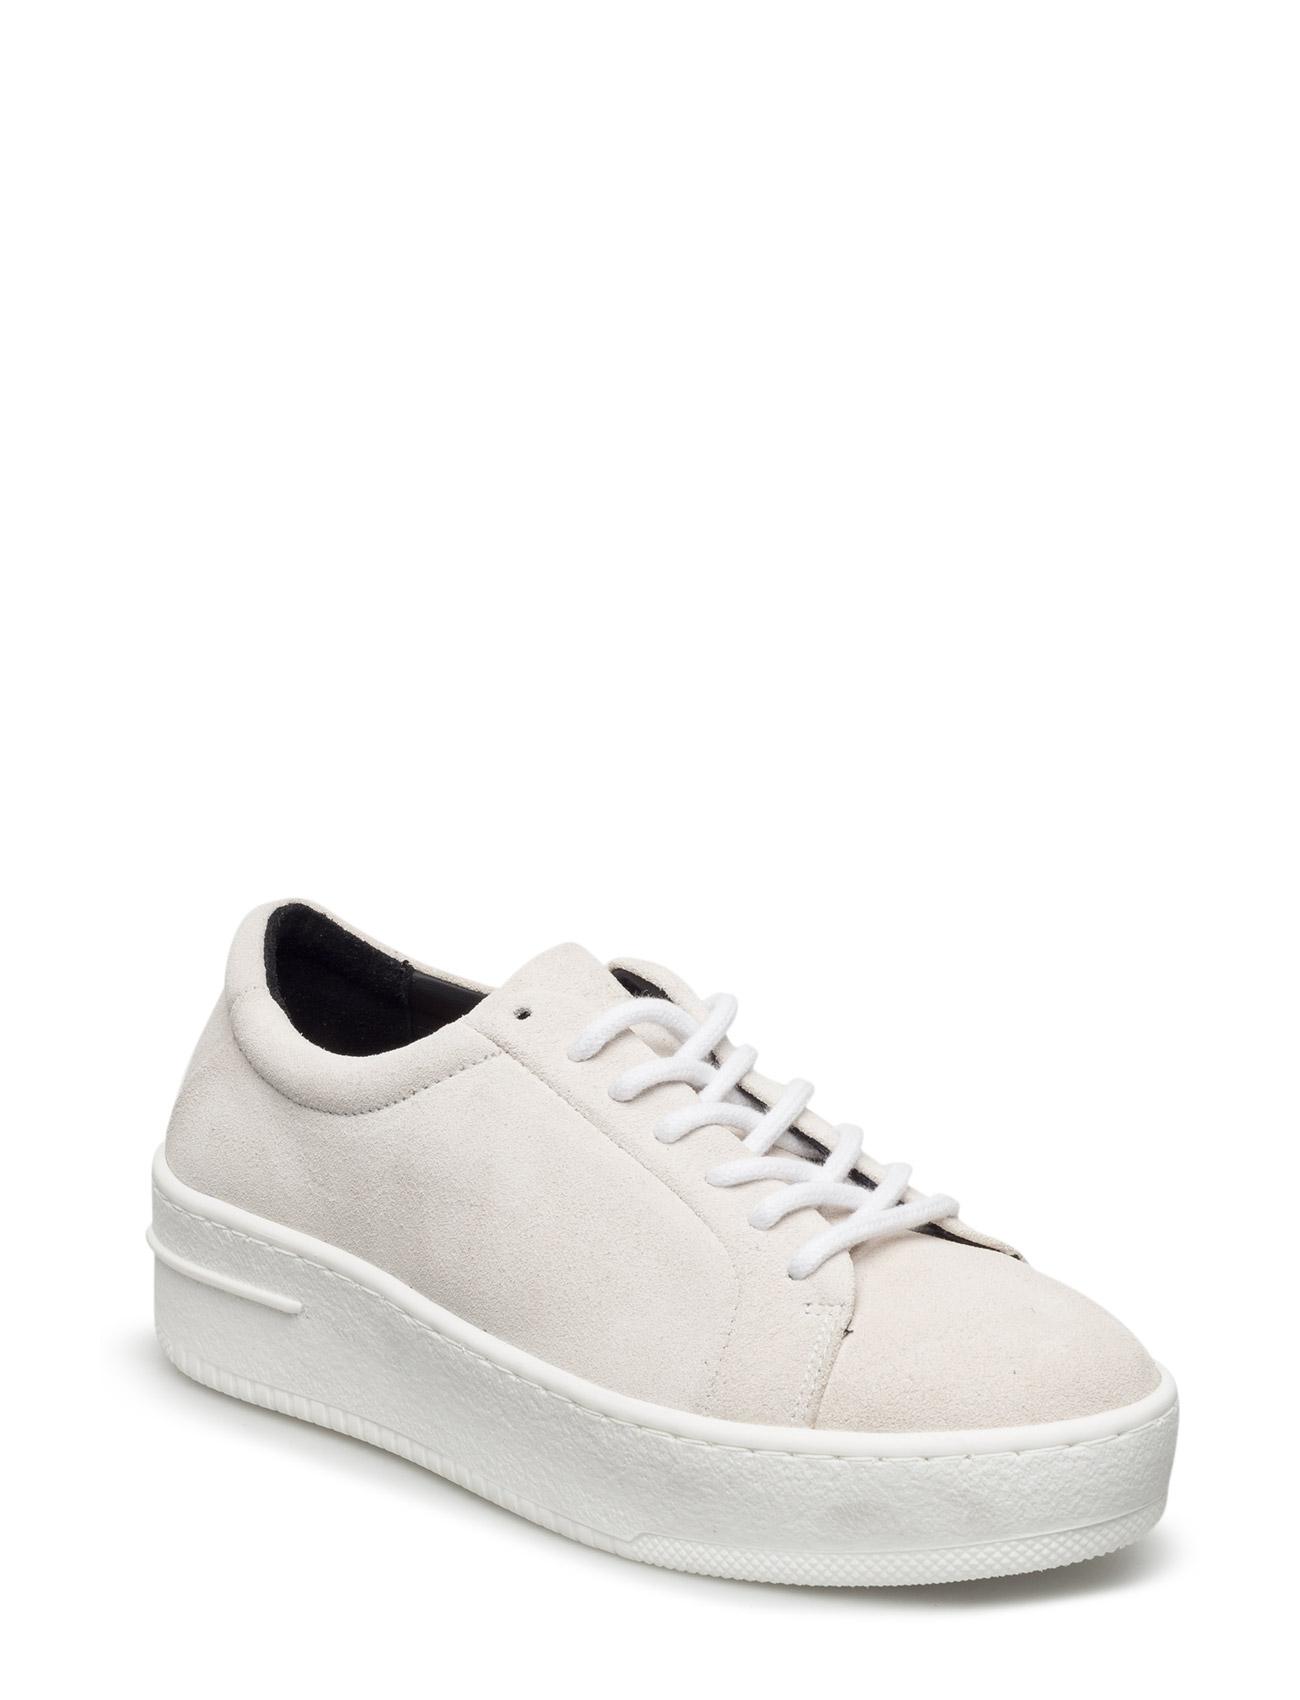 Seven20 Base Shoe Suede Wmn Royal RepubliQ Sneakers til Damer i hvid